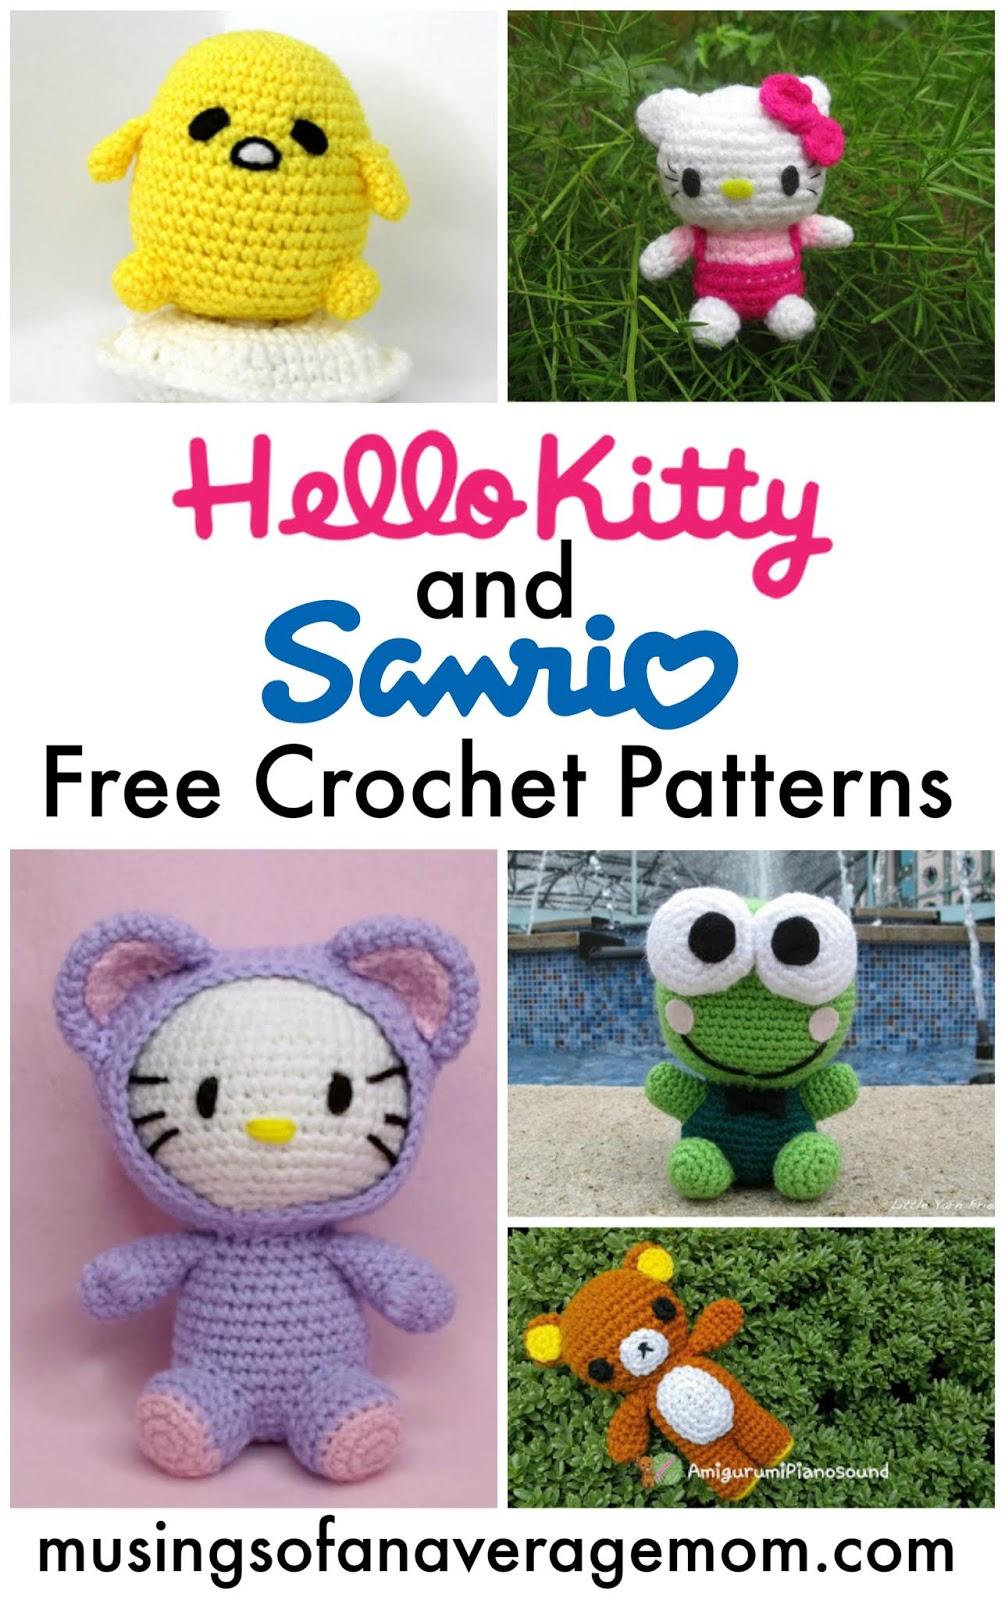 Crochet Hello Kitty Ballerina Amigurumi Free Pattern with Video ... | 1600x1005